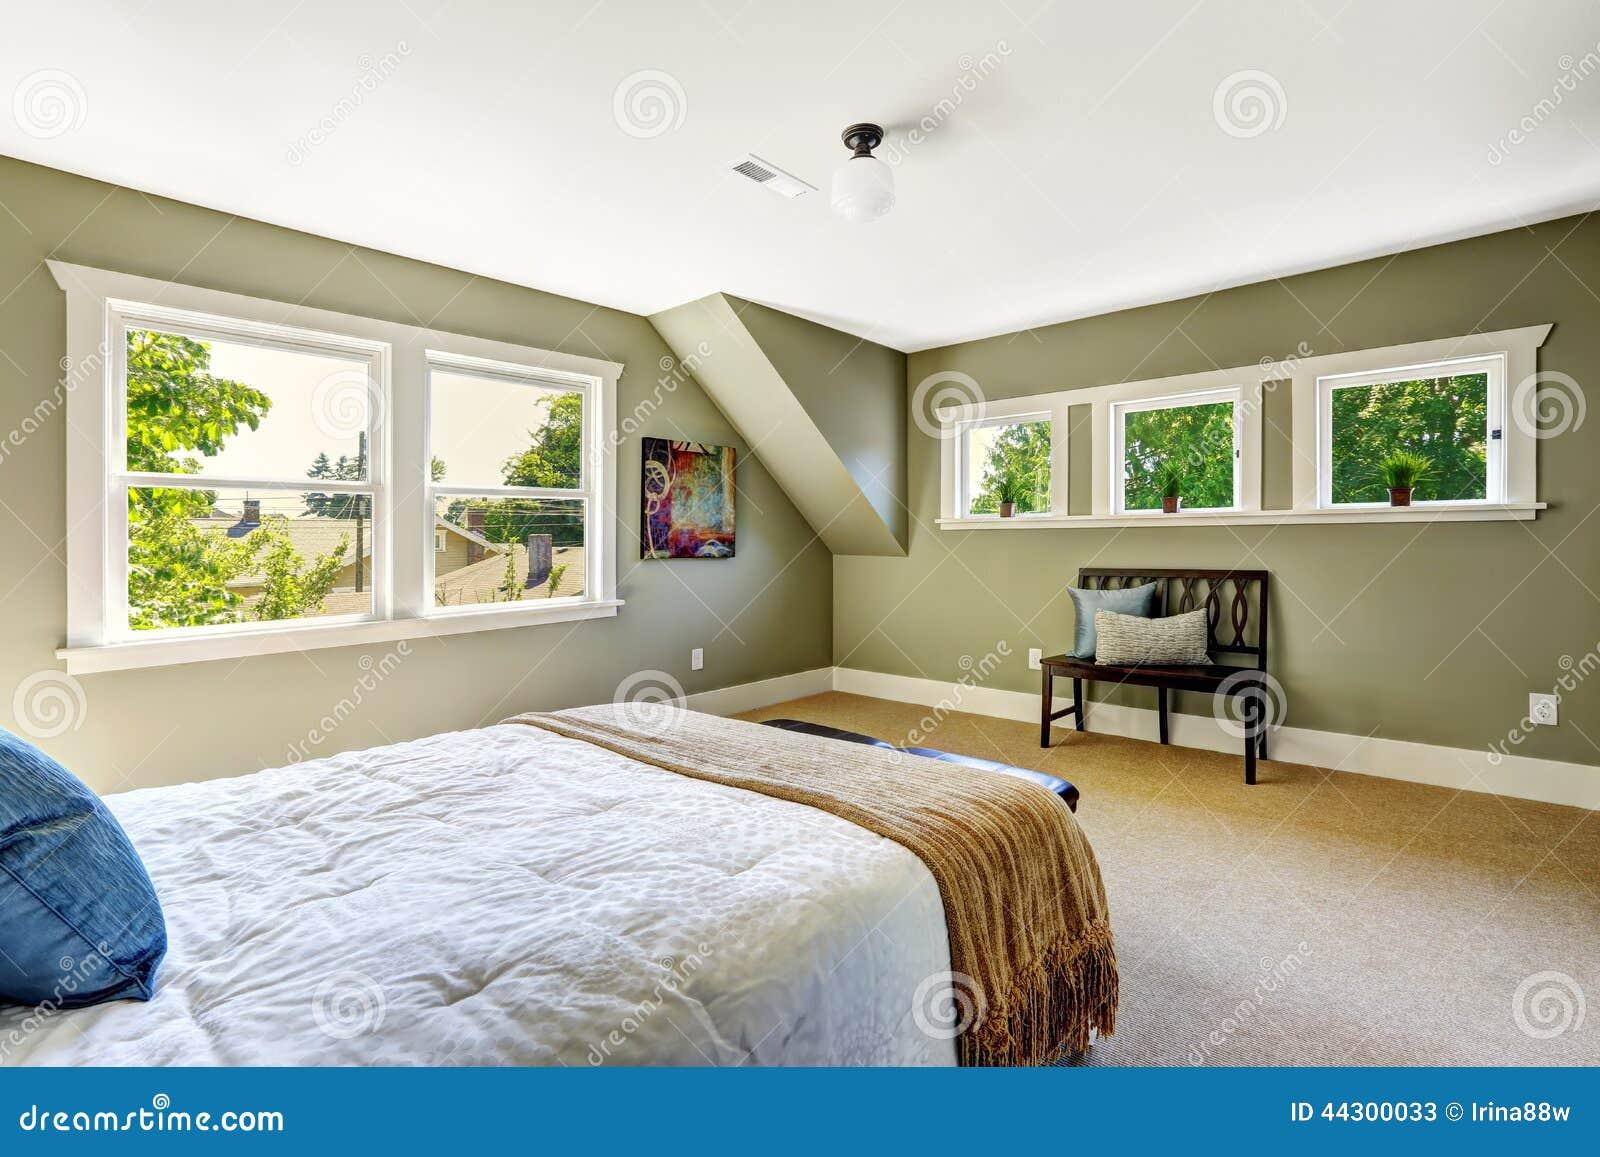 Slaapkamer met groene muren en gewelfd plafond stock foto ...